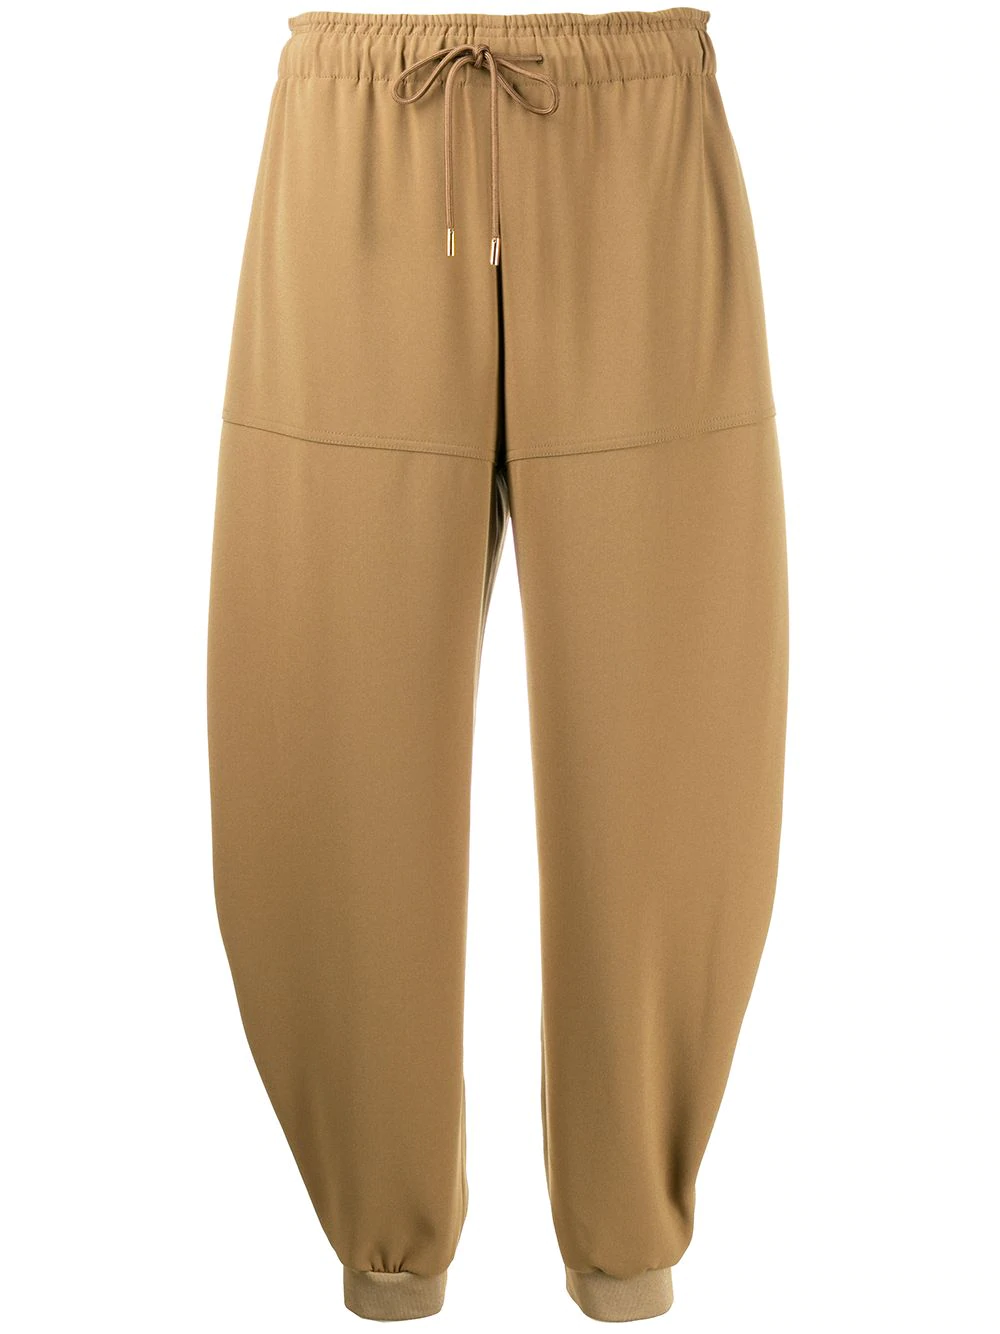 Chloe Pantalones De Chandal Anchos Farfetch En 2020 Pantalones De Chandal Pantalones Anchos De Vestir Pantalones